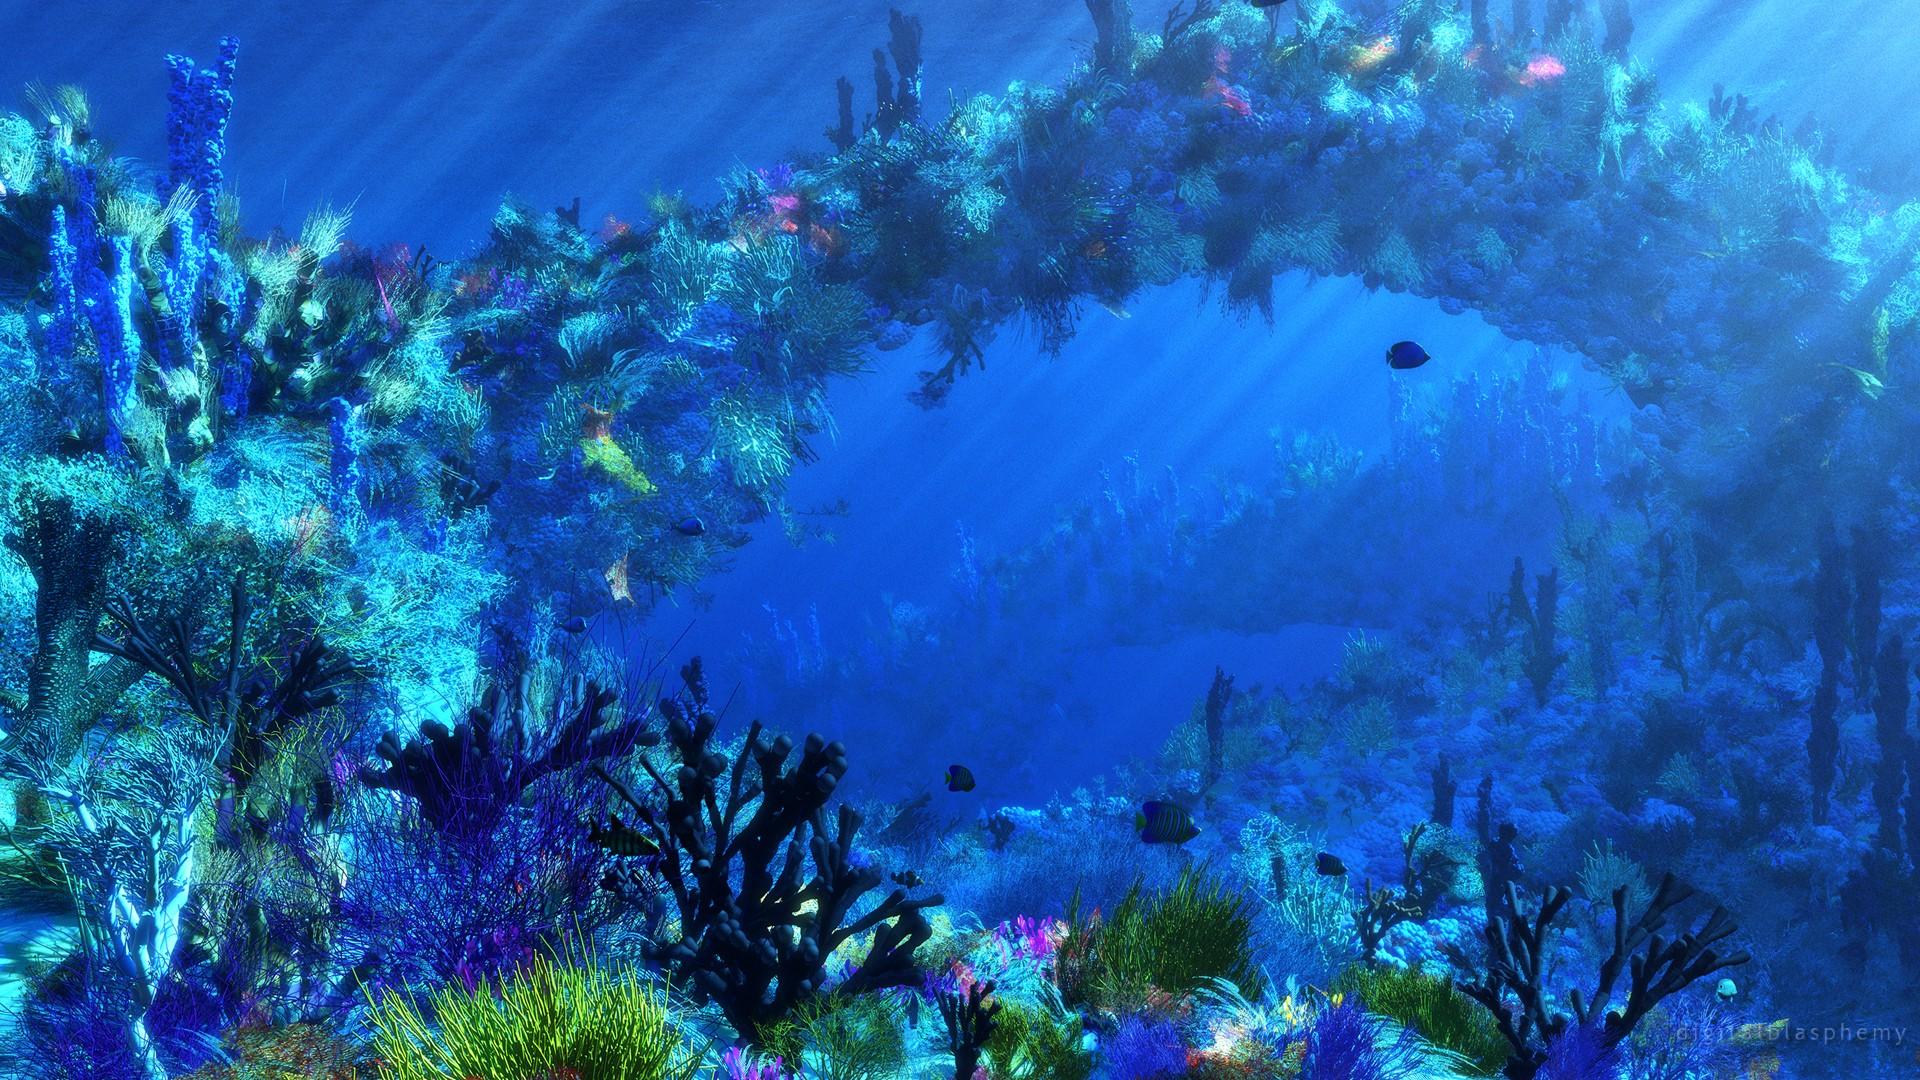 1920x1080px Underwater Ocean Wallpaper